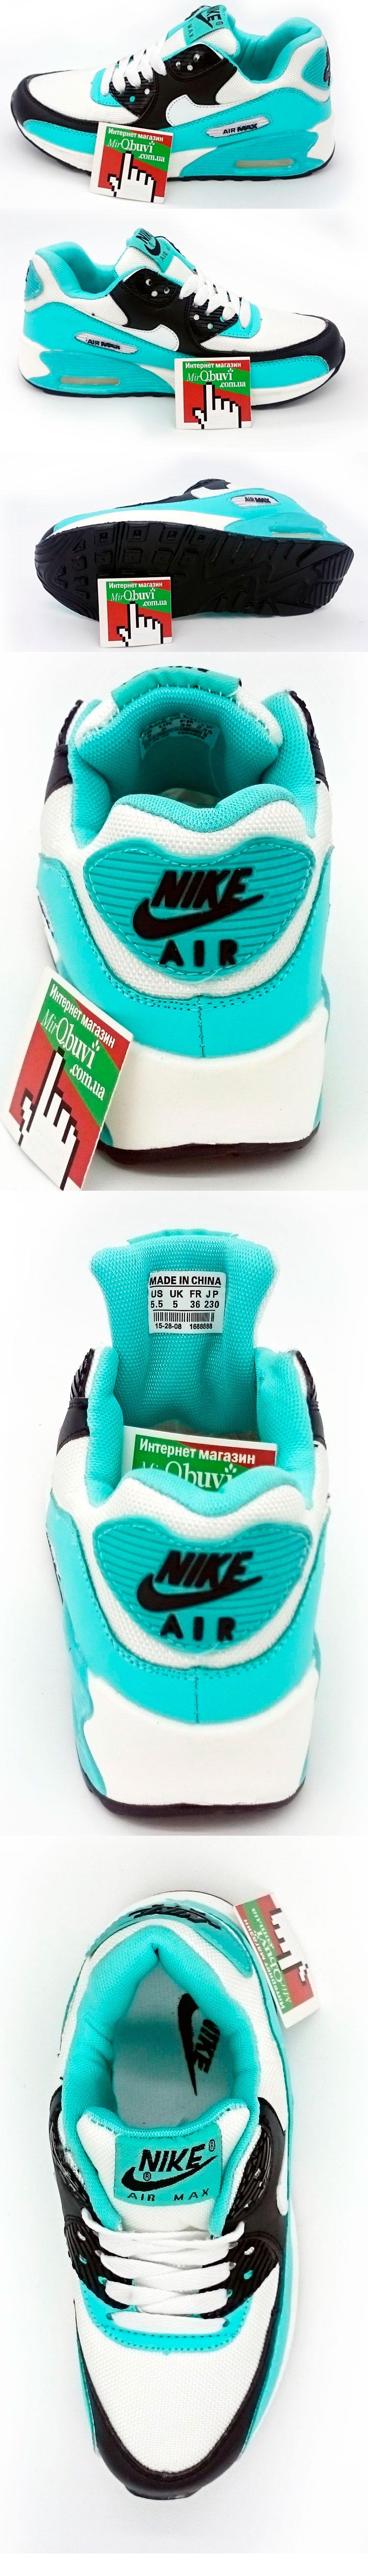 большое фото №5 Женские кроссовки Nike Air Max 90 берюзовые